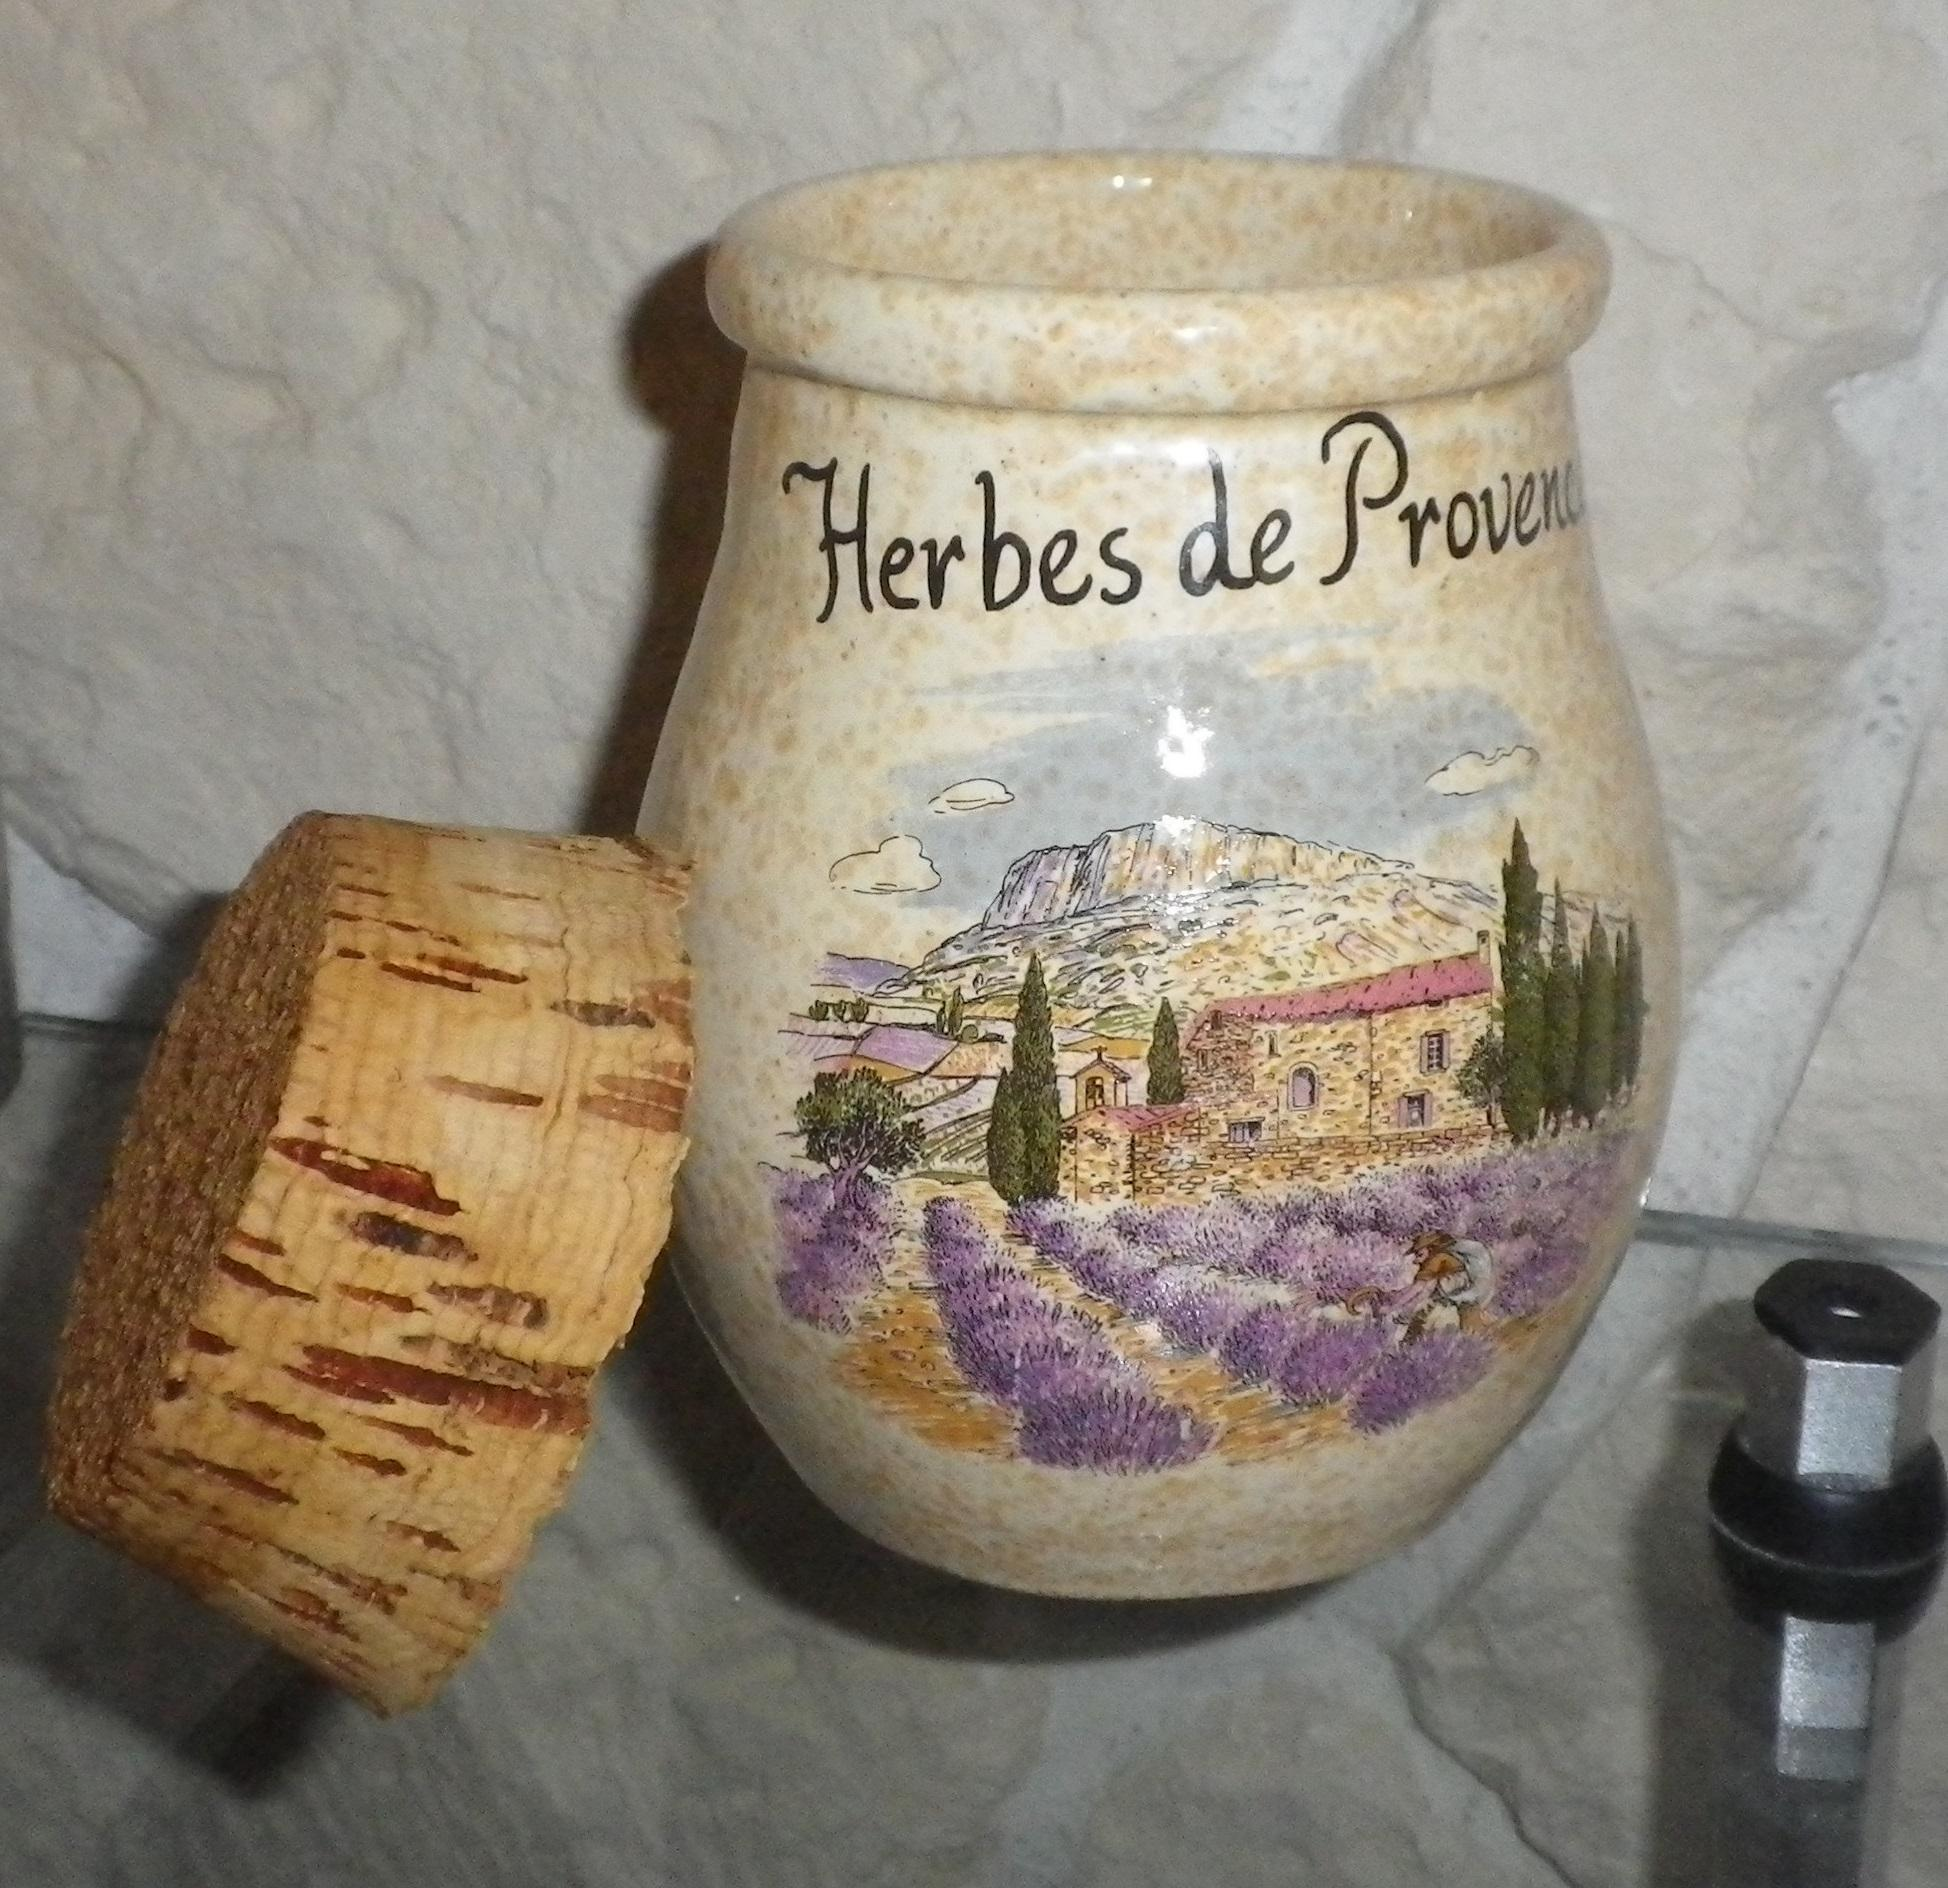 troc de troc gros pot à épices ou herbes image 1